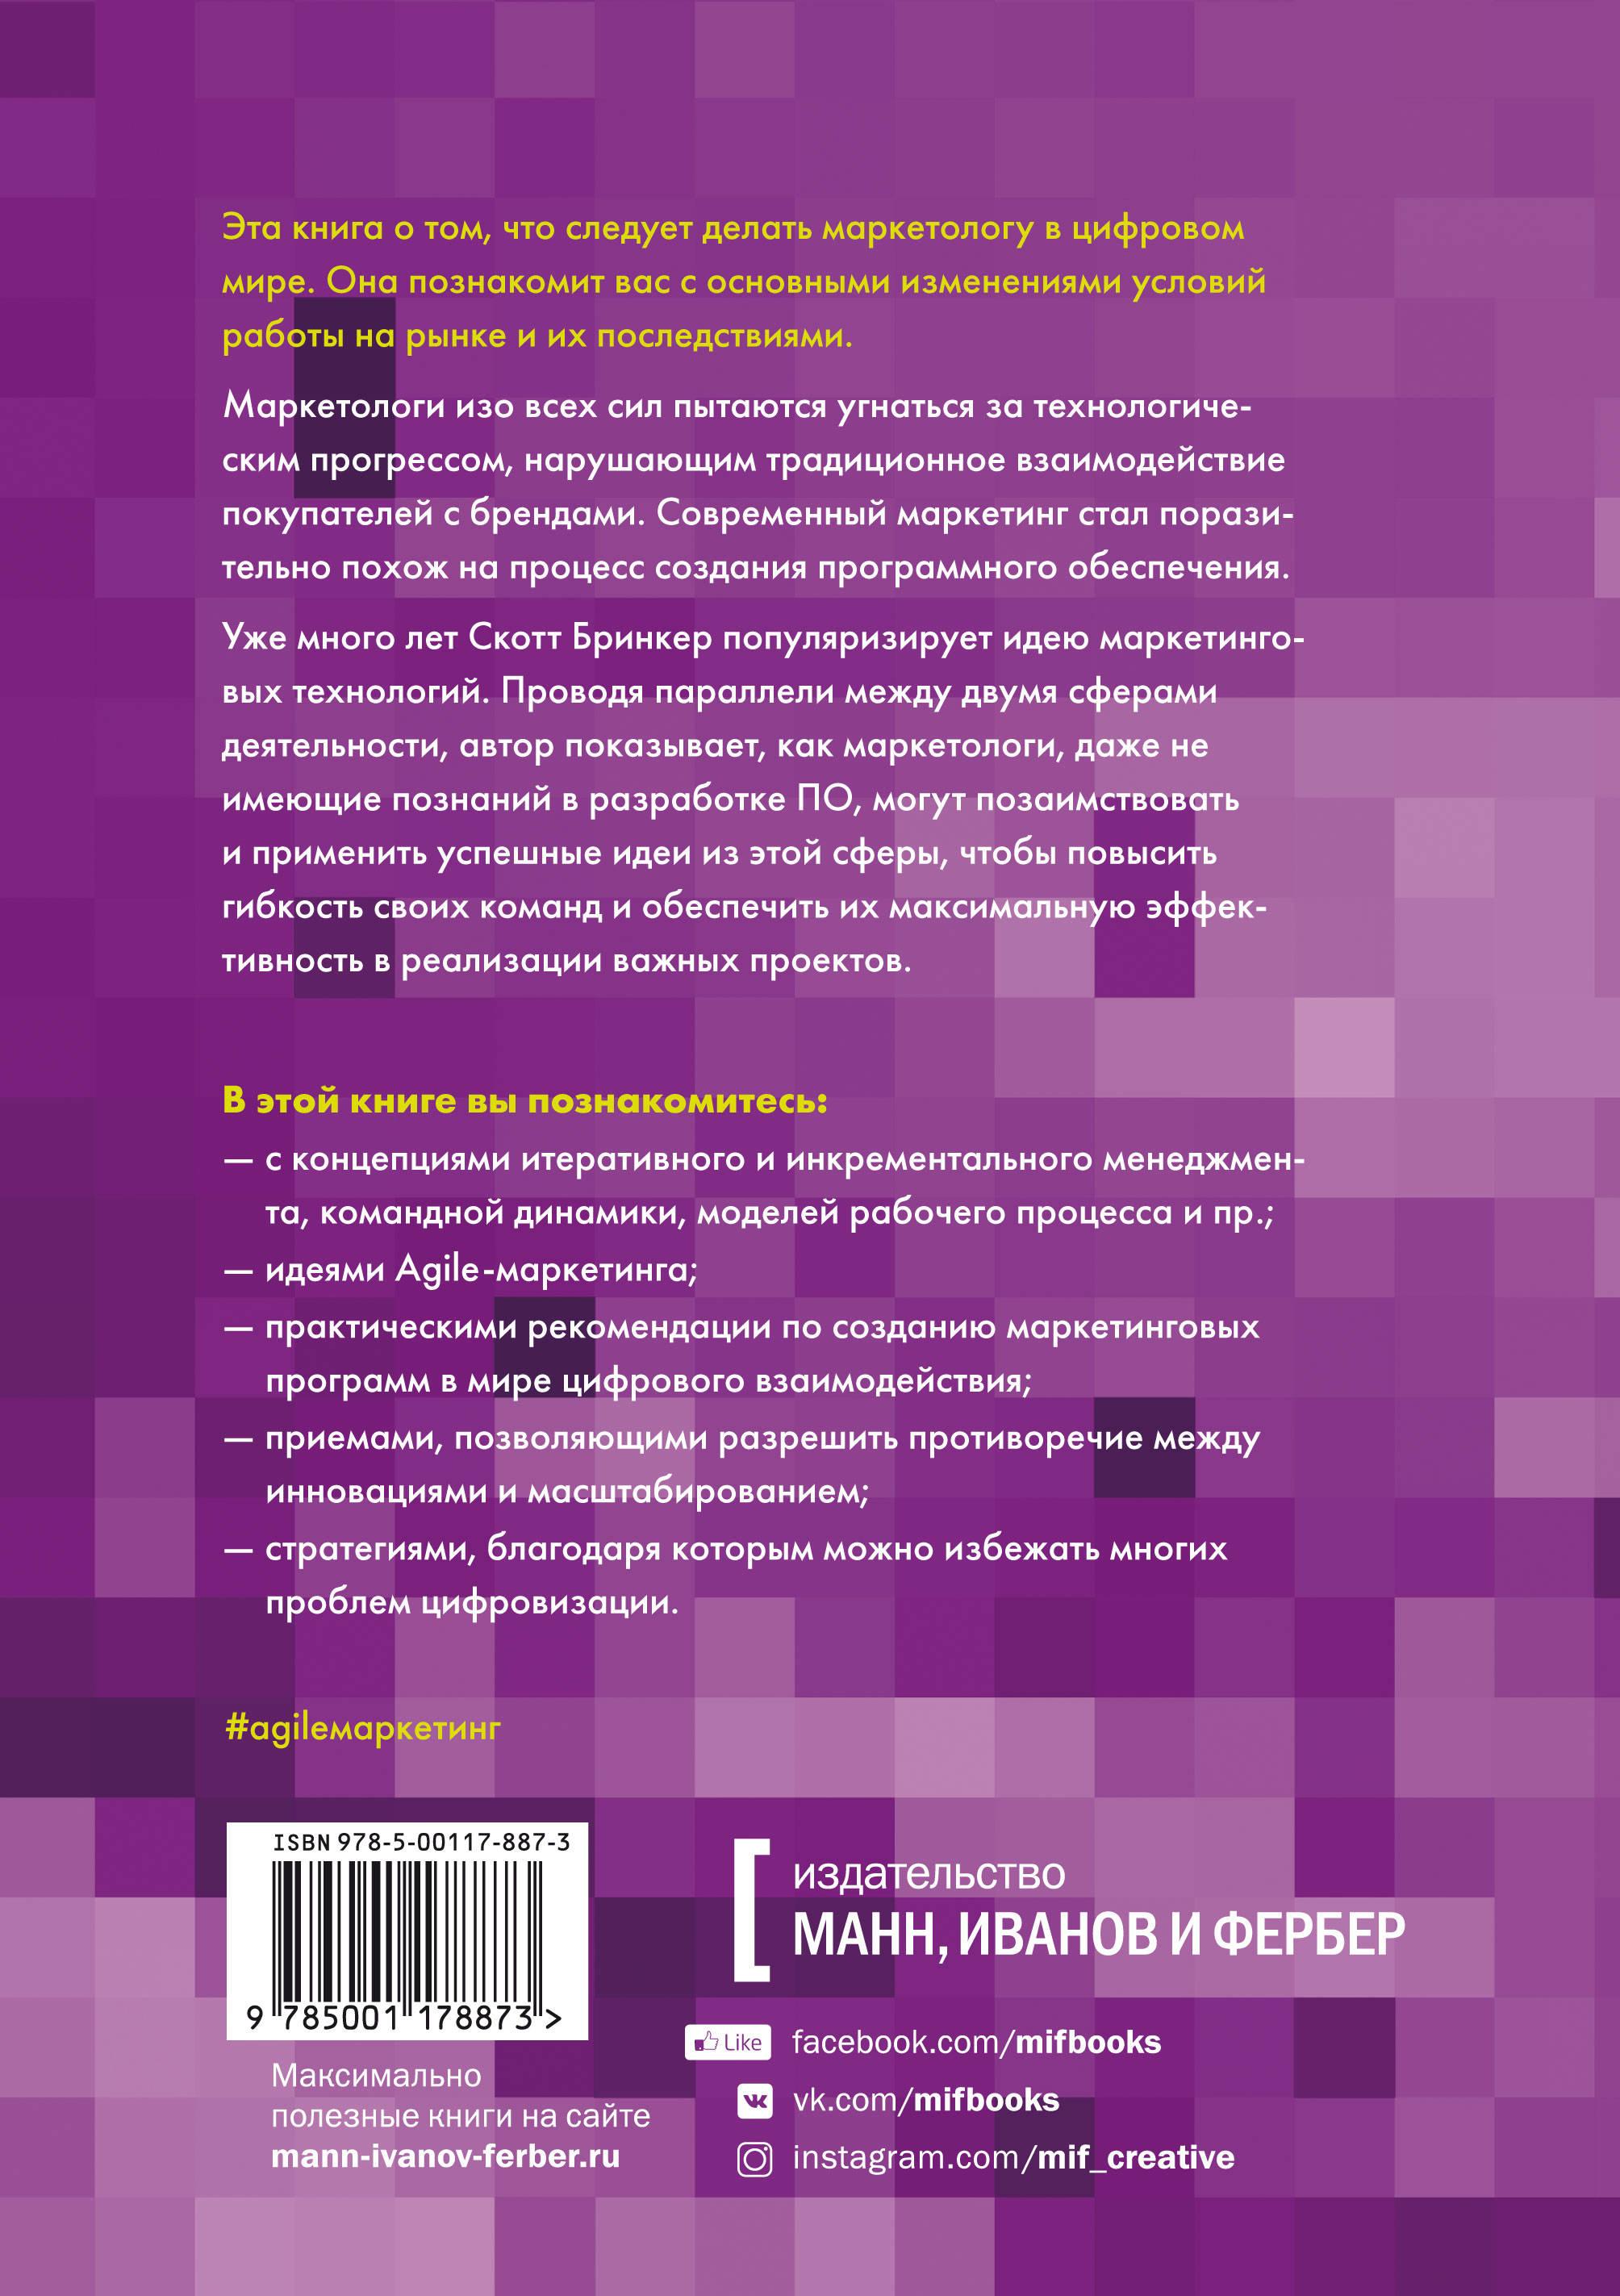 Скотт Бринкер. Agile-маркетинг. Хакерские практики для эффективного бизнеса